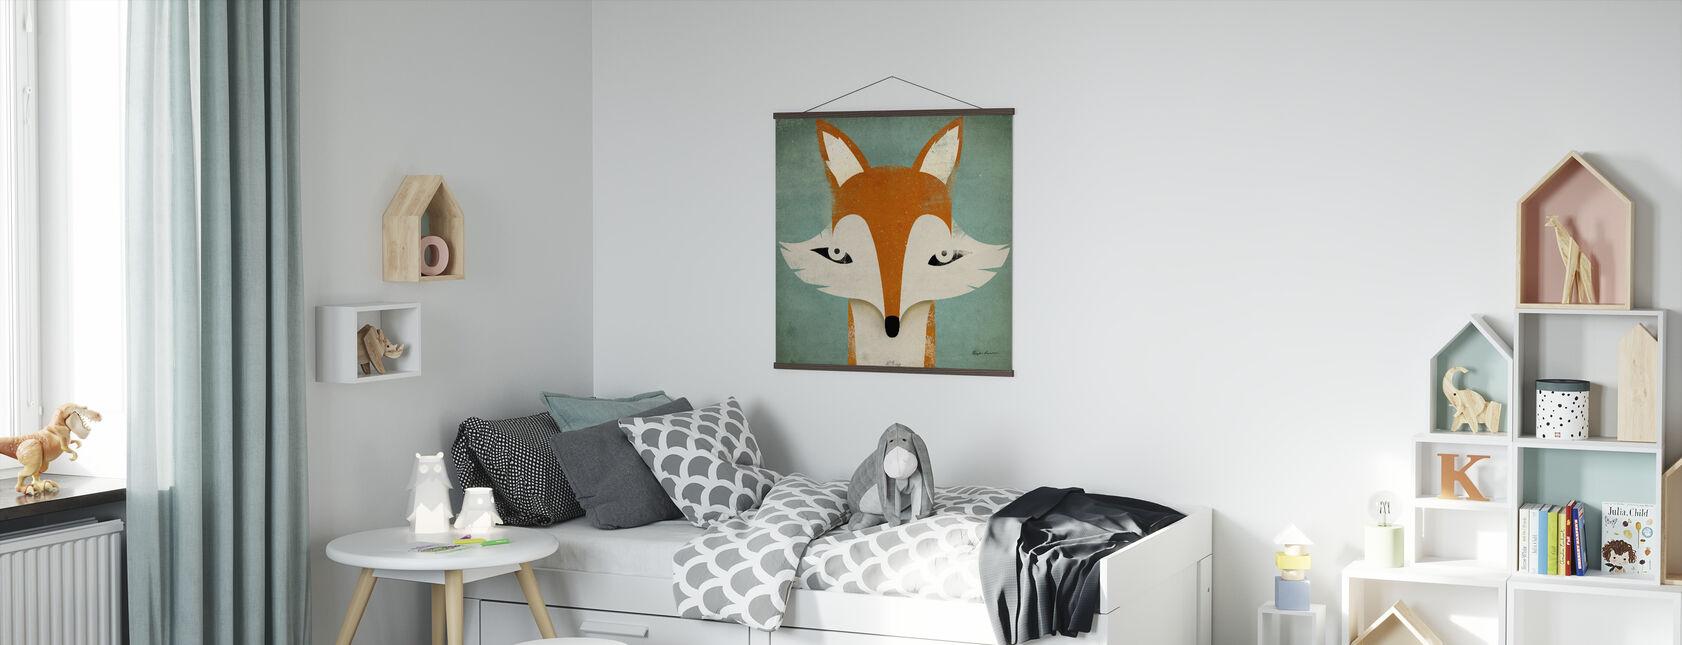 Lis - Plakat - Pokój dziecięcy